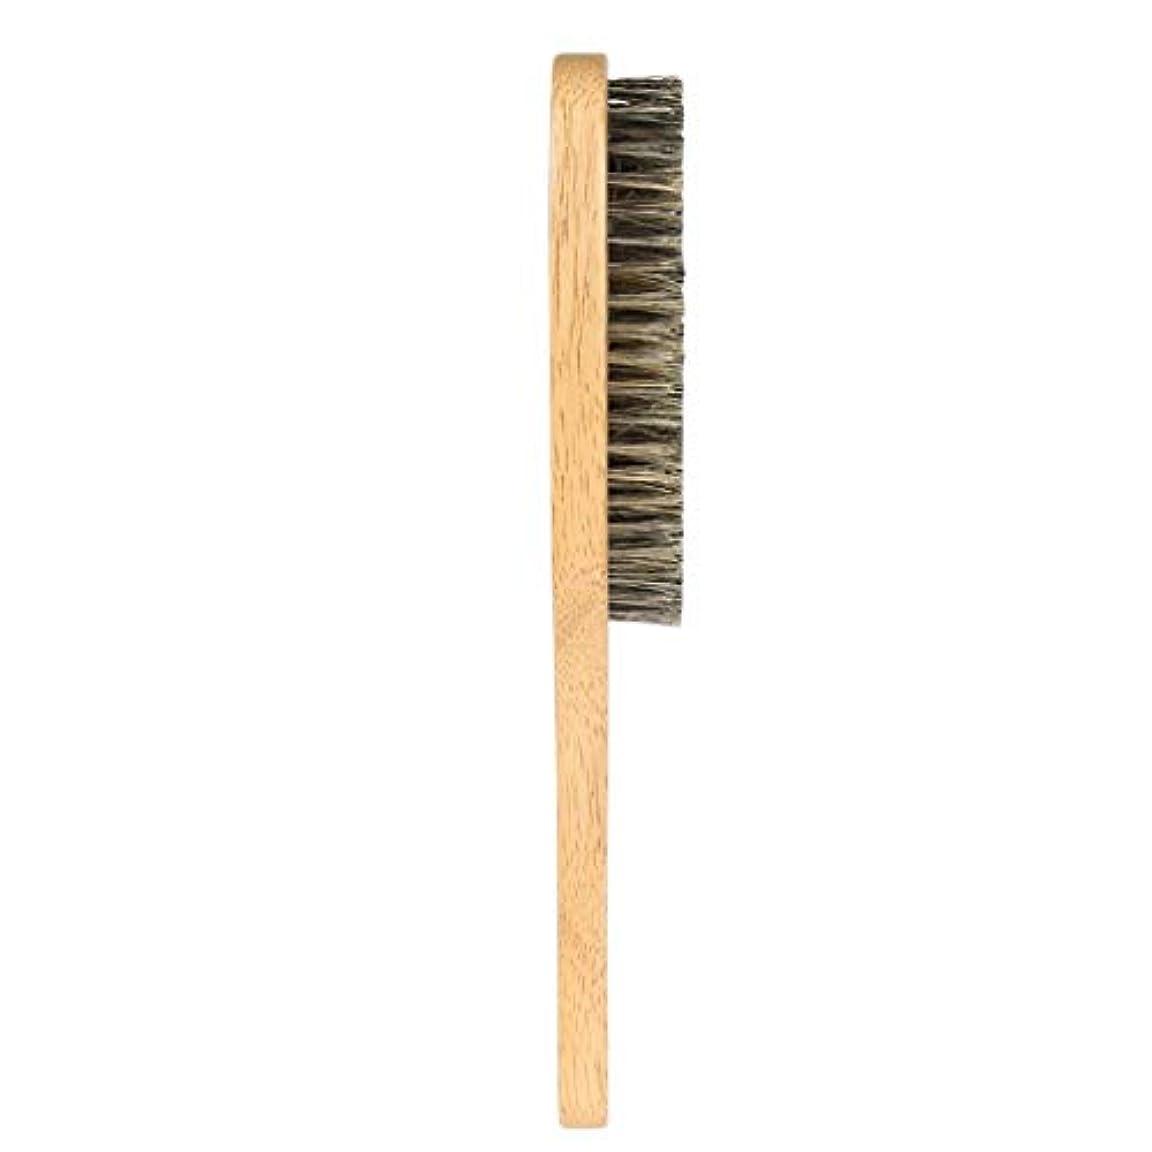 計算可能作曲する解決するToygogo 男性合成繊維ひげ口ひげブラシ顔毛シェービングブラシw/ハンドル